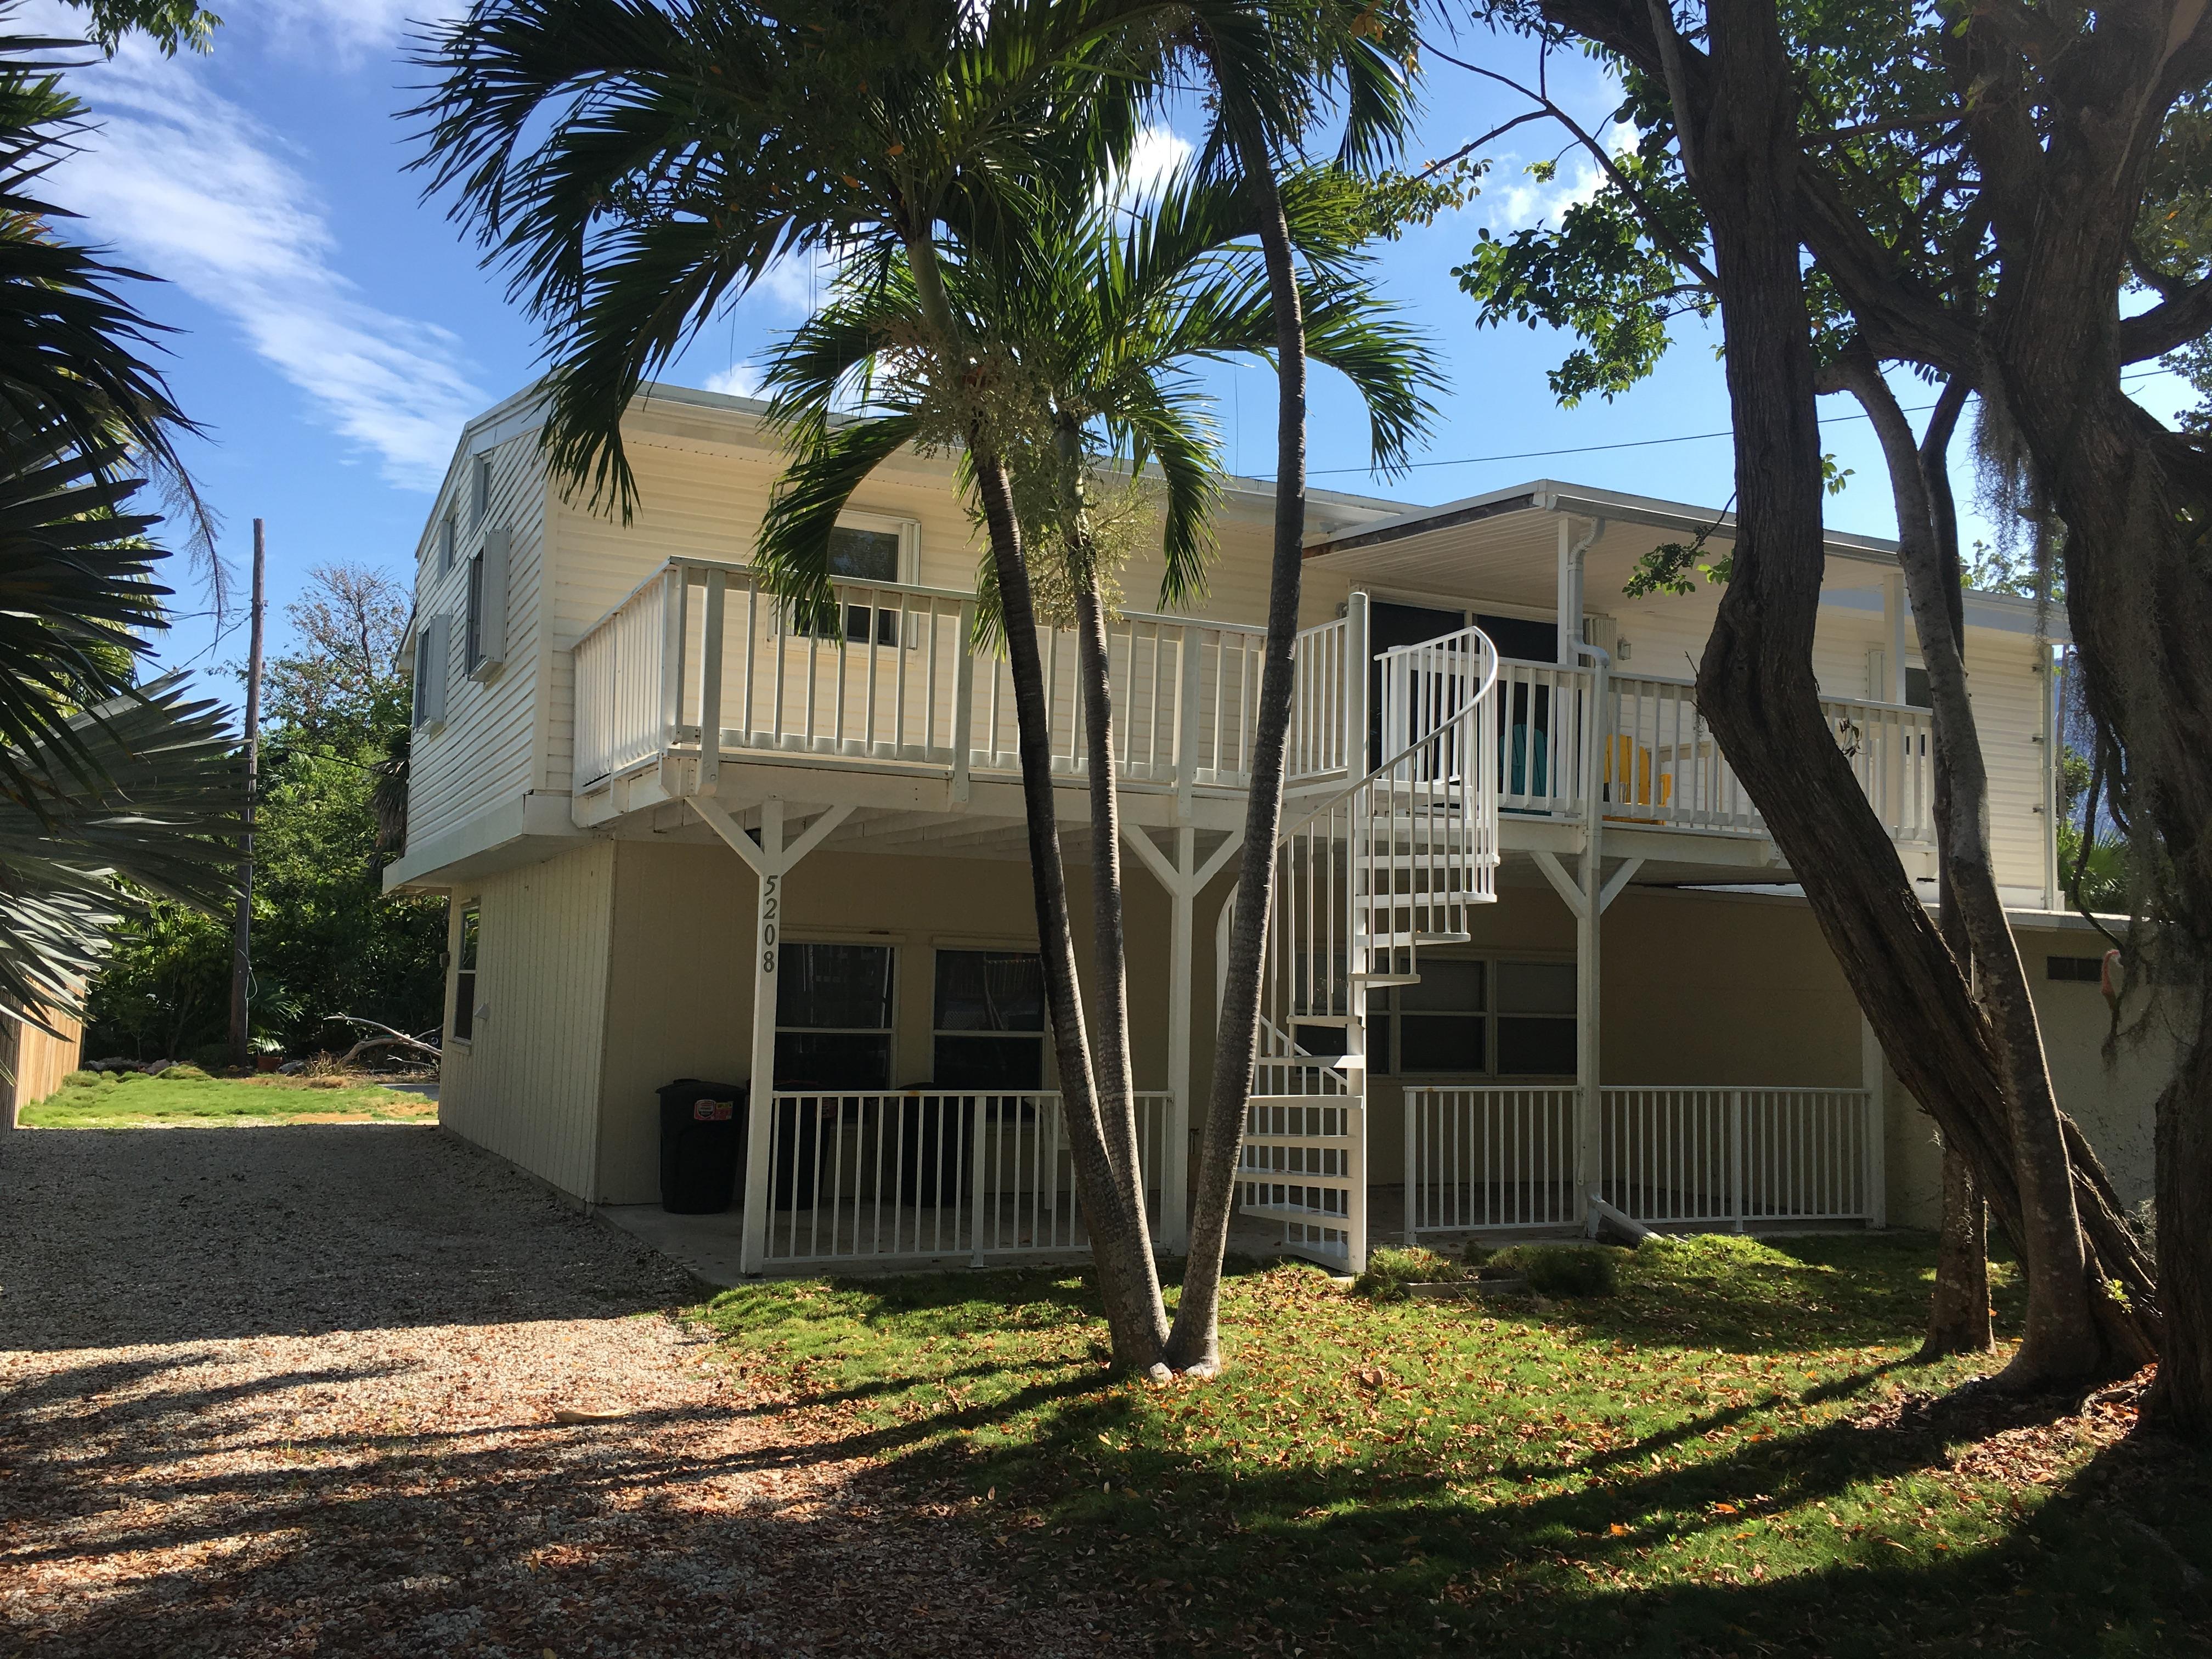 Key Breeze Hideaway LLC - Marathon, FL 33050 - (816)572-7278 | ShowMeLocal.com